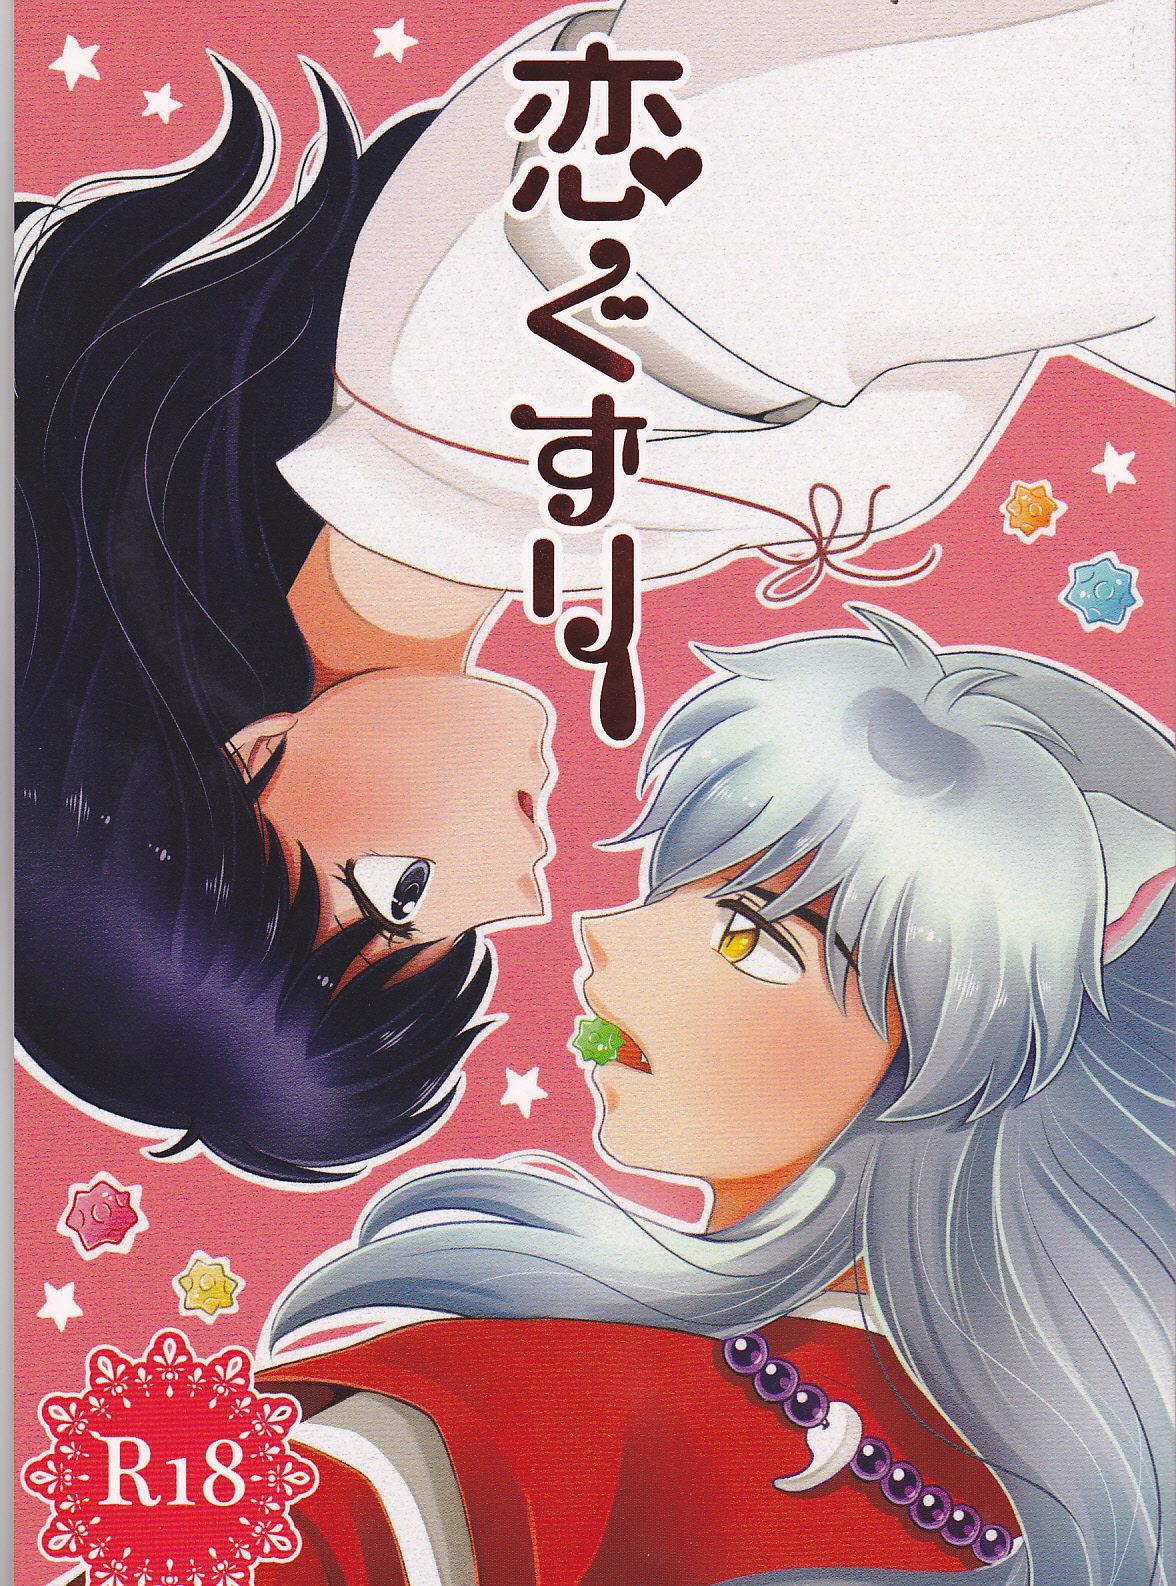 Koi Gusuri - Love drug 1